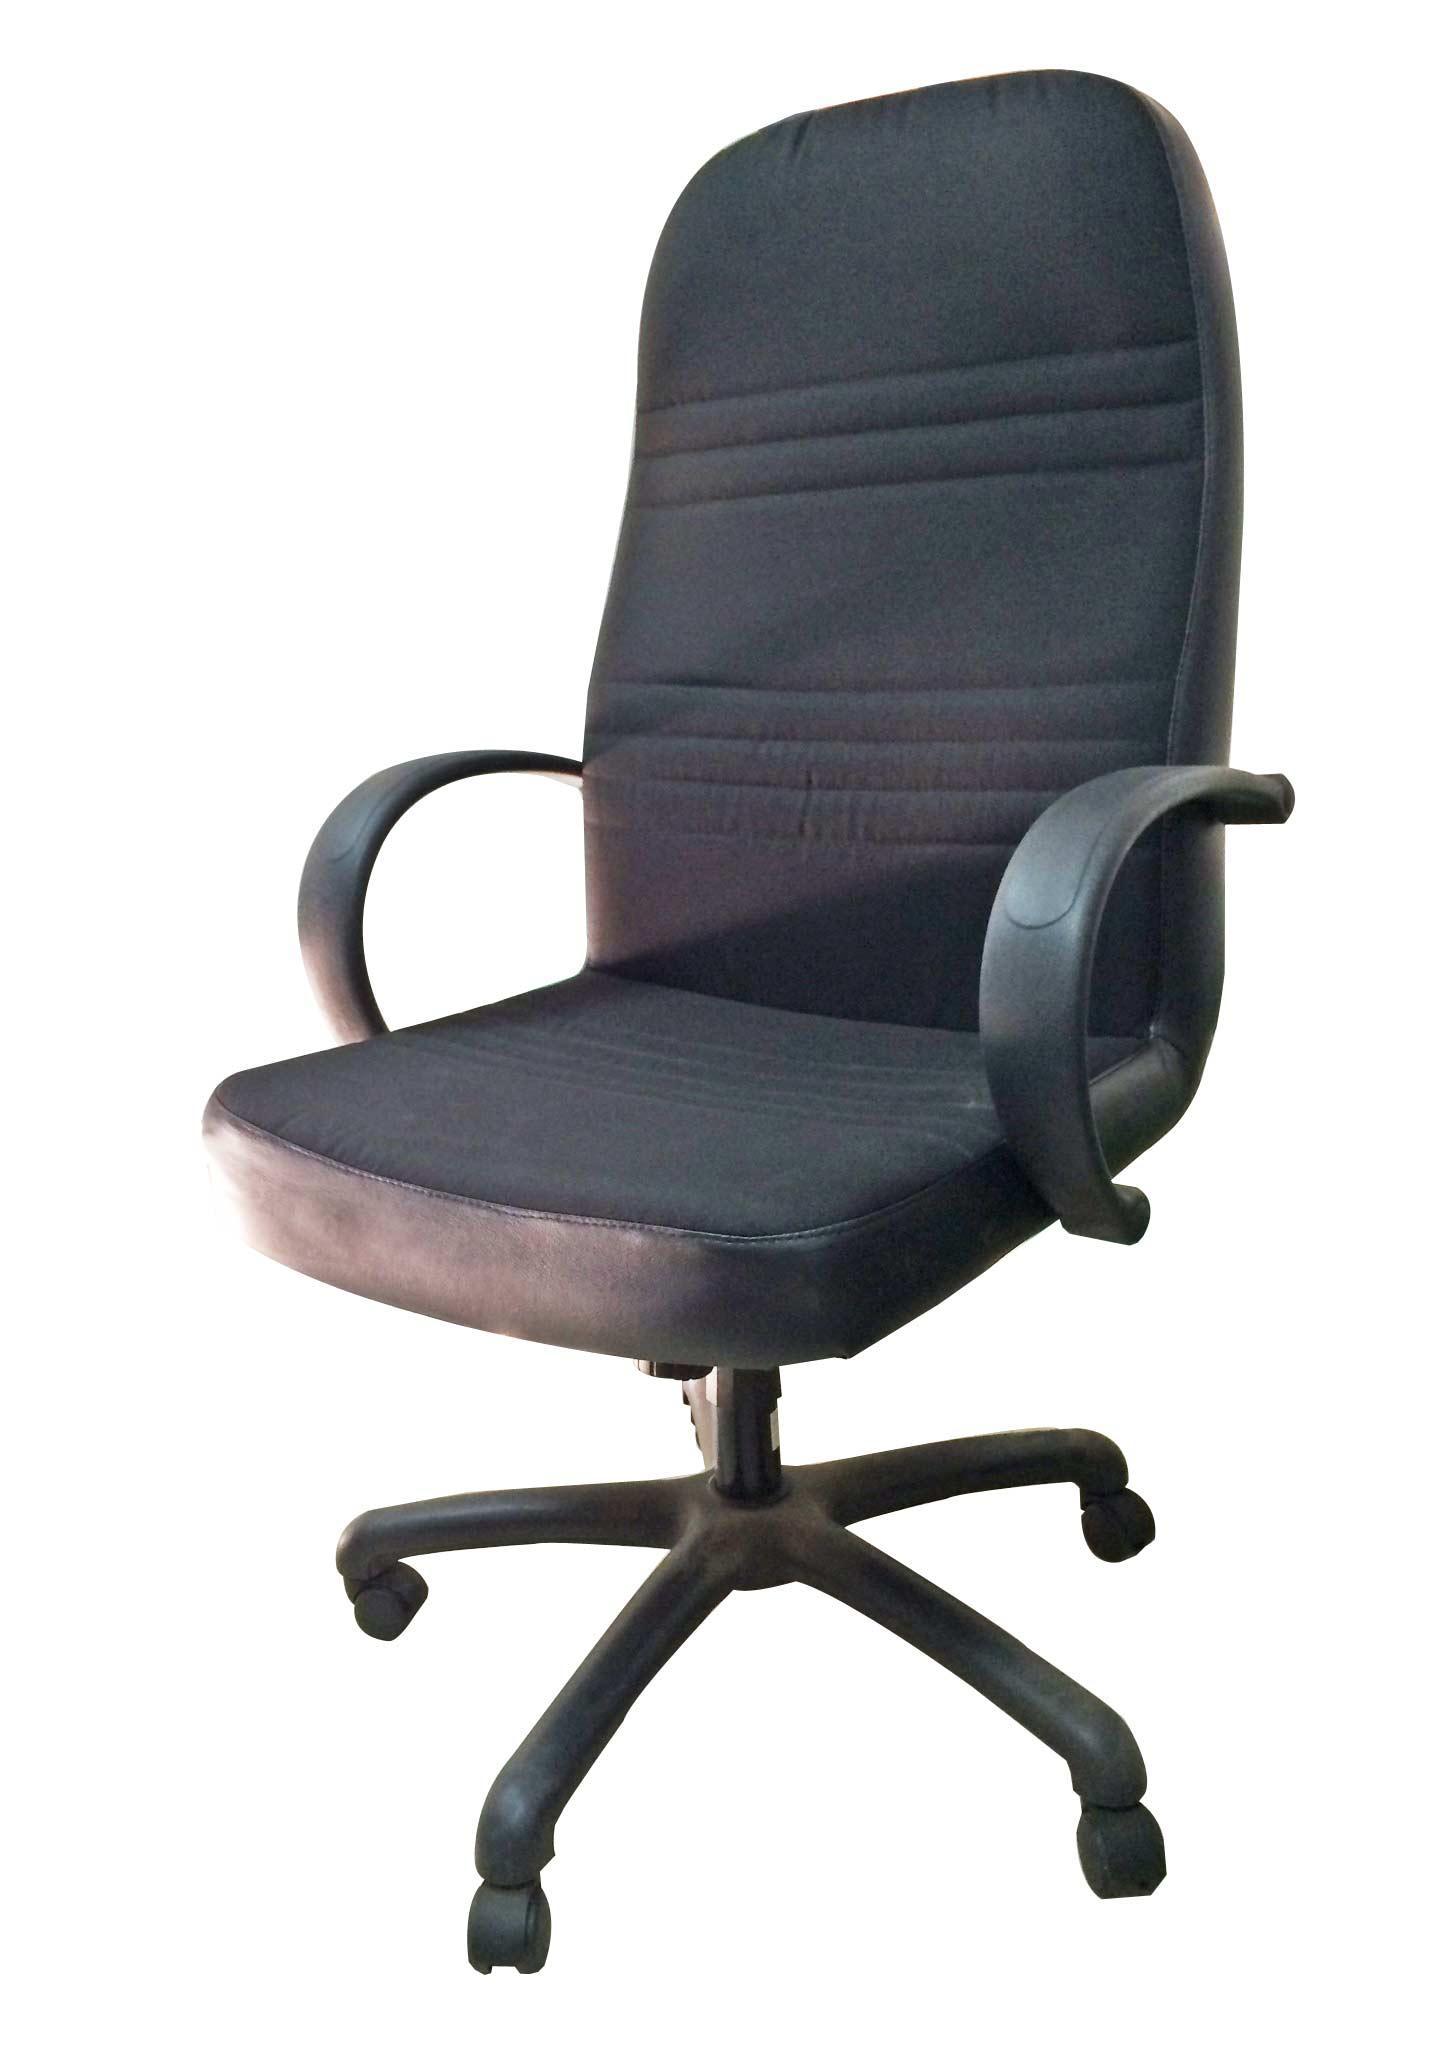 เก้าอี้ผู้จัดการ ST62 เบาะผ้า